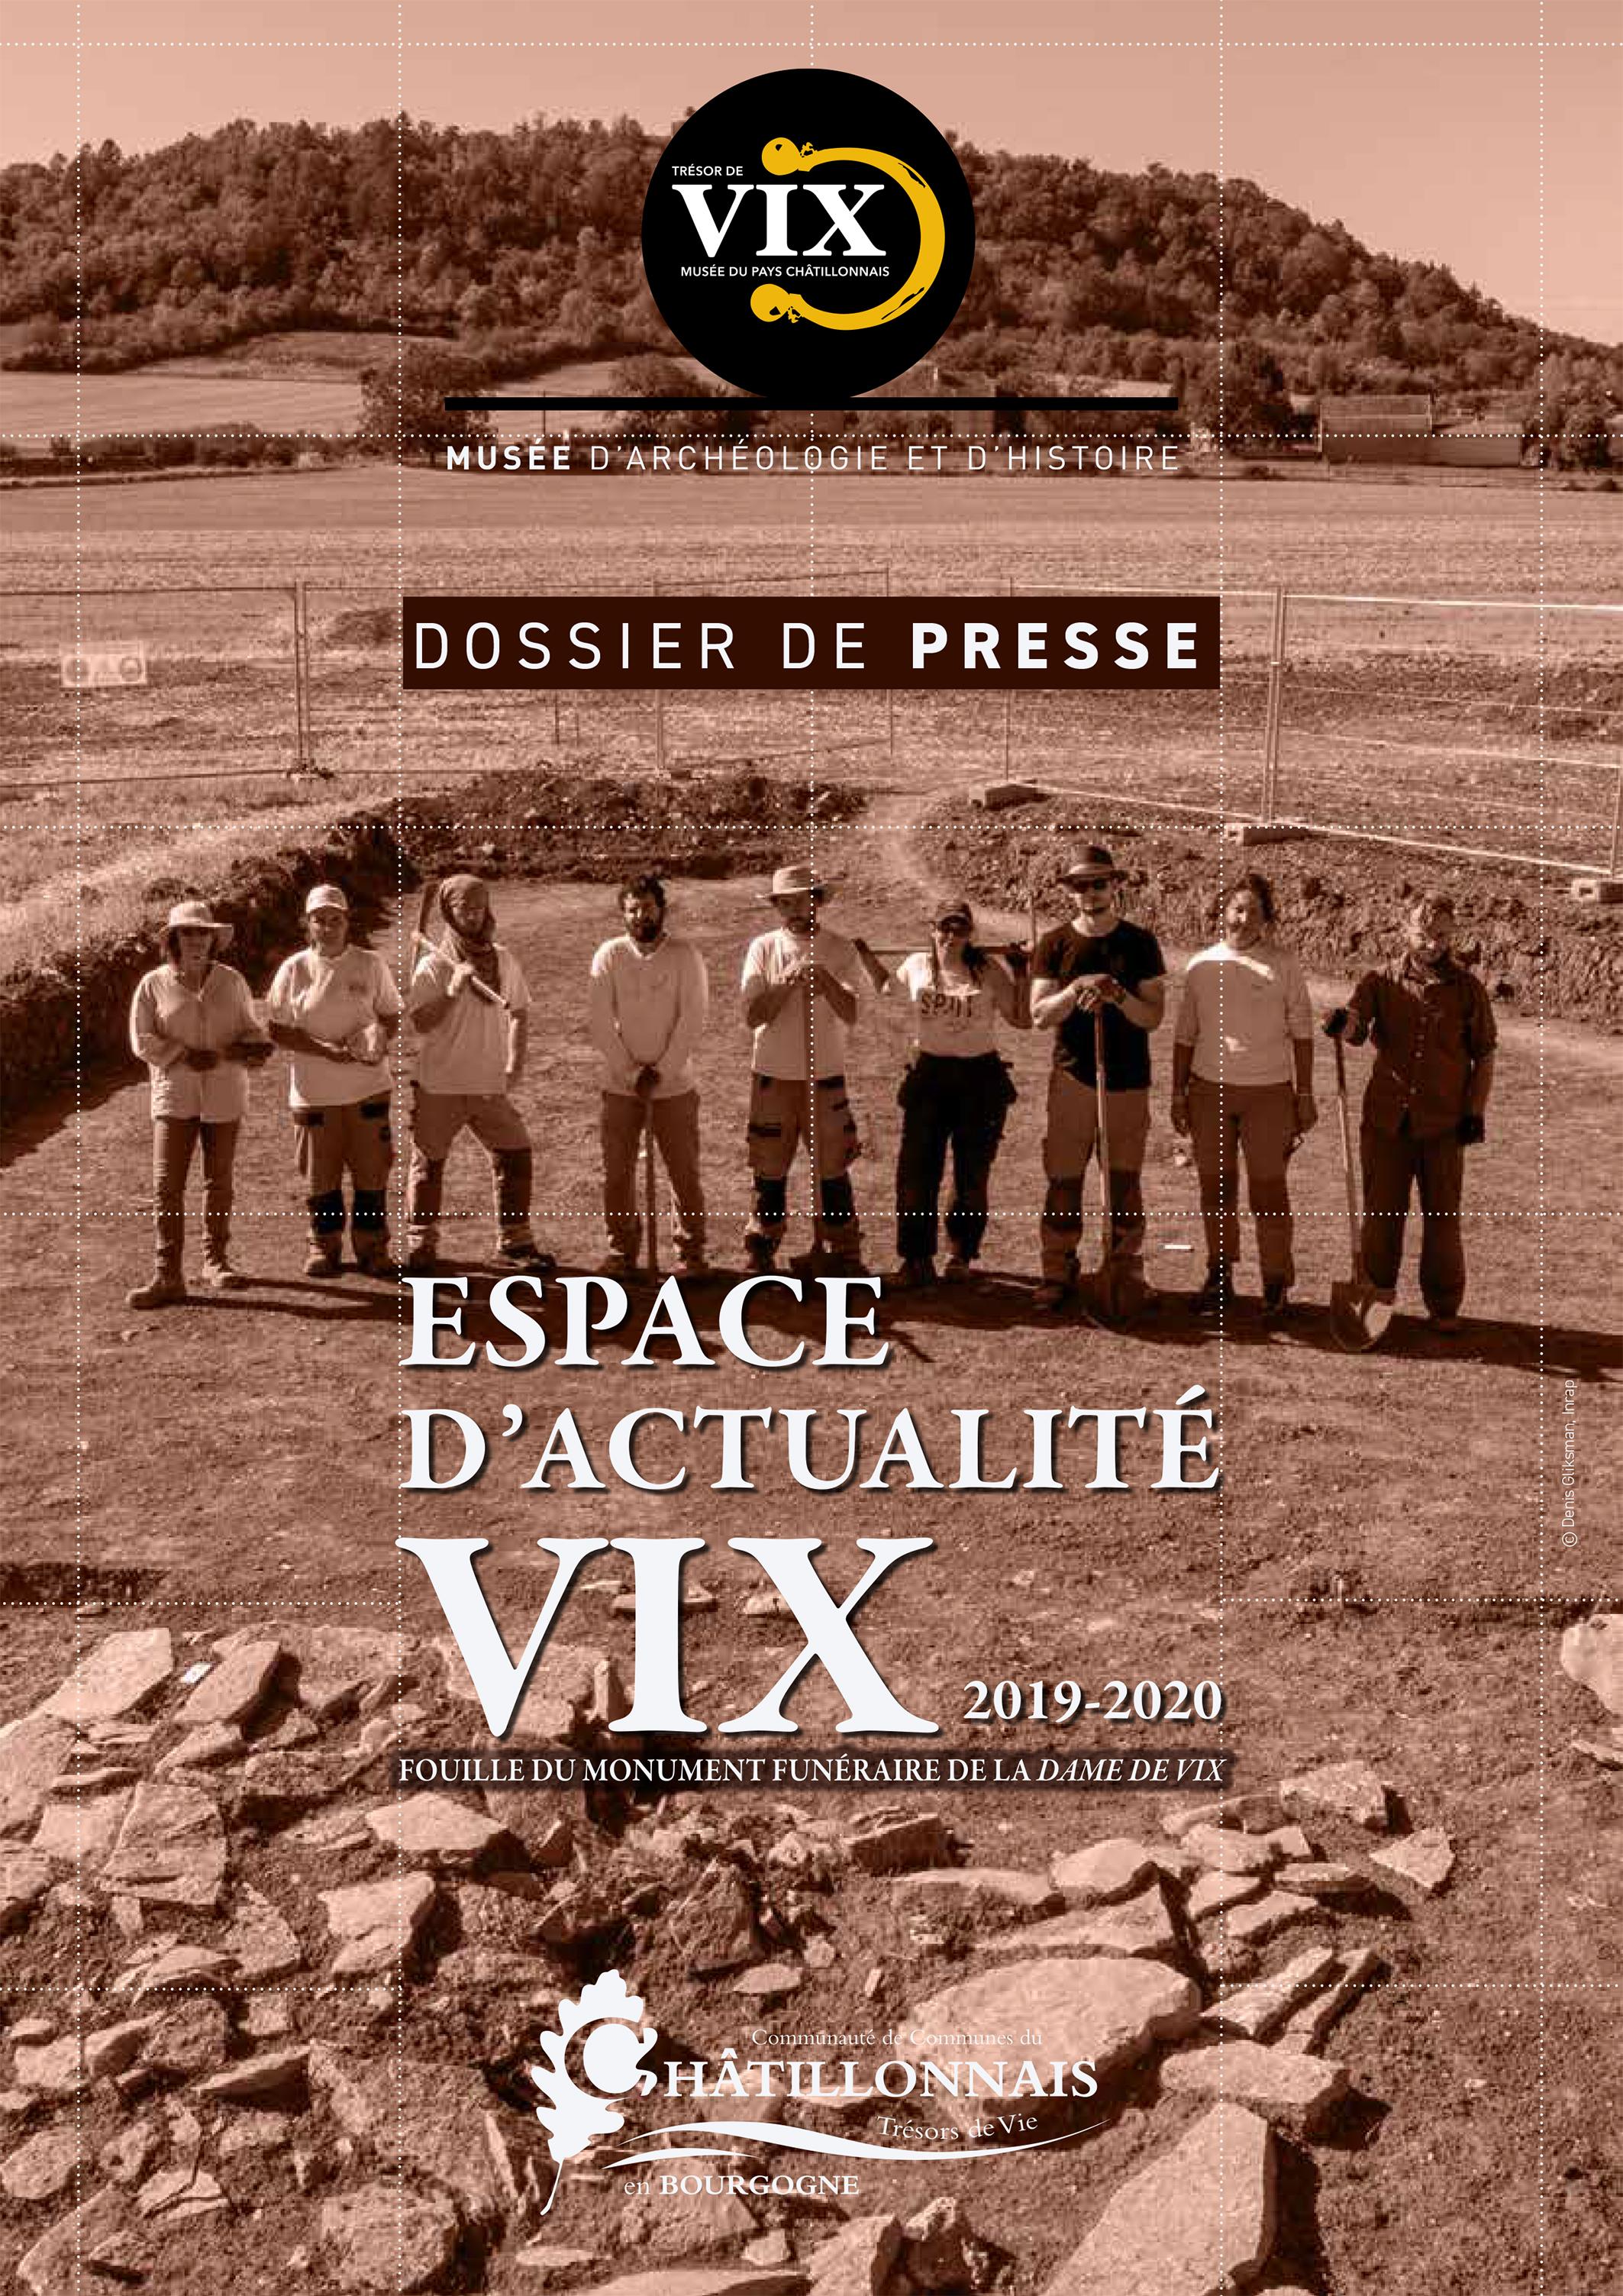 Dossier de presse_espace d'actualité_Fouille du monument funéraire de la Dame de Vix © Nathalie Montenot